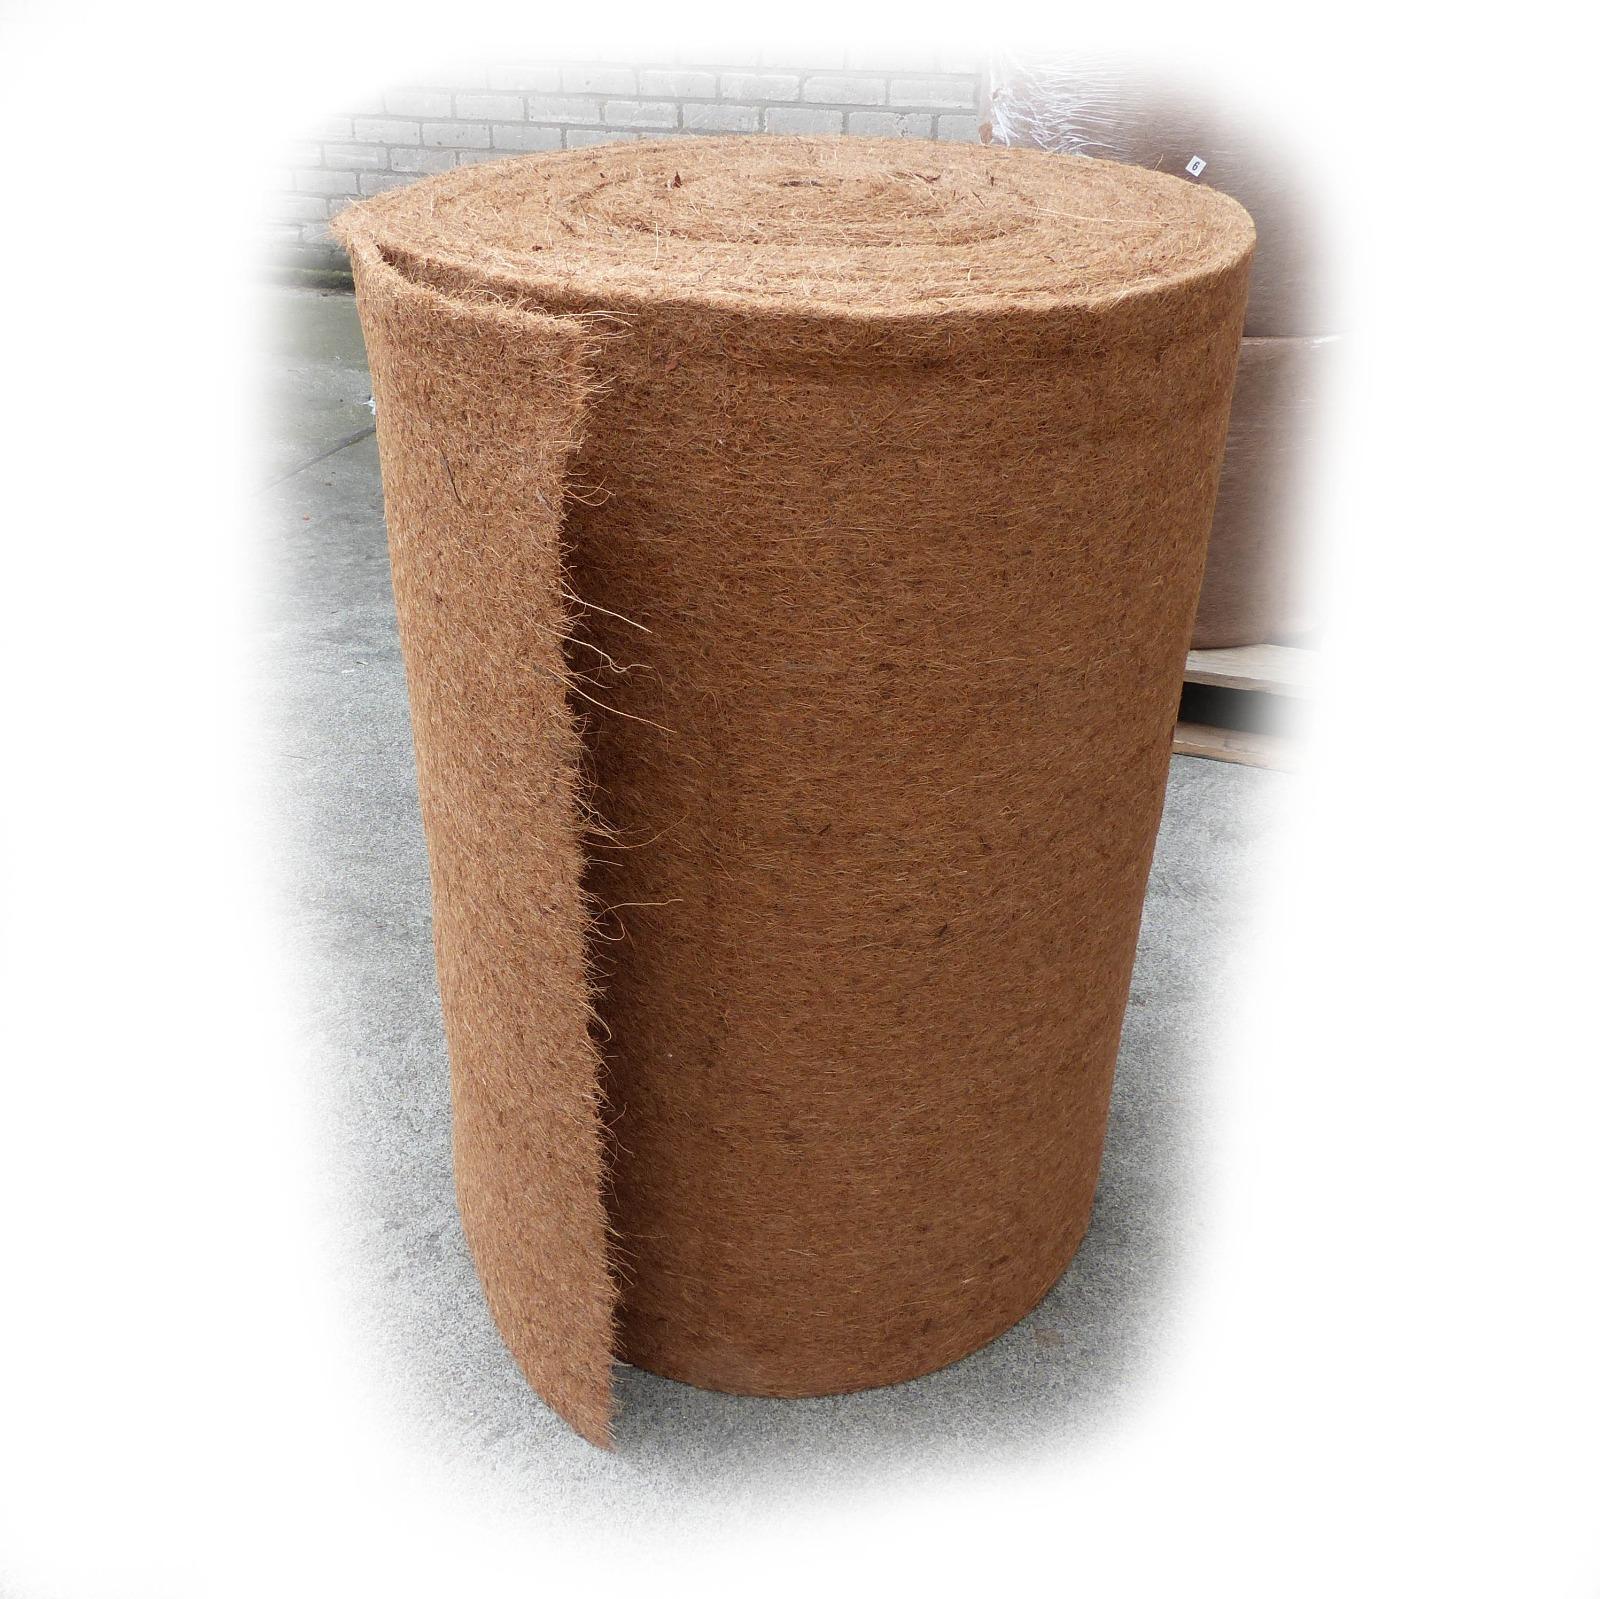 Kokosfaser rolle  Breite: 1 m. Länge: 25 m.